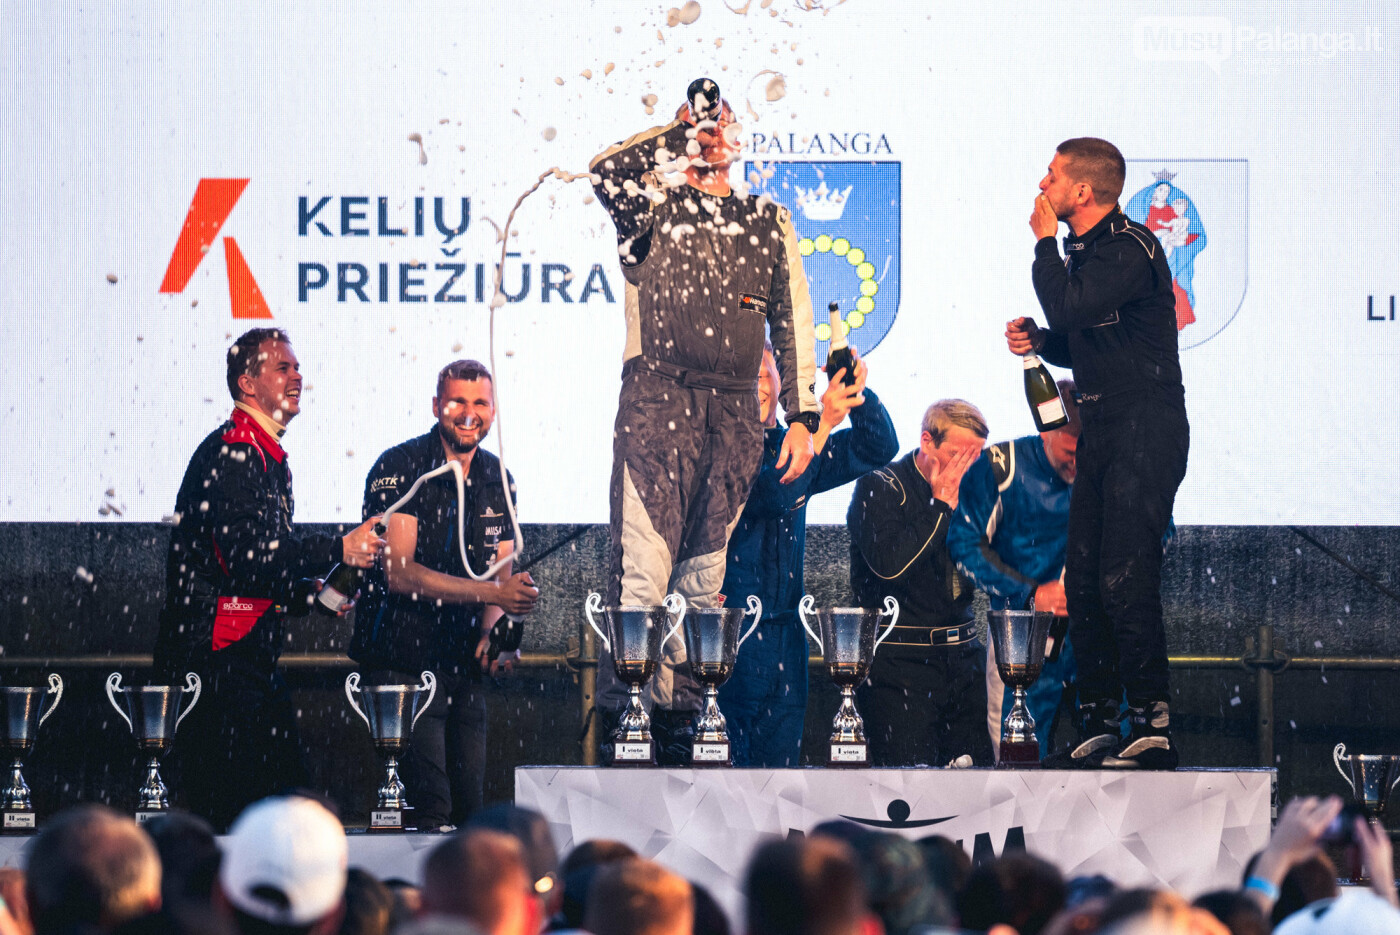 """""""Aurum 1006 km"""" lenktynėse Palangoje – praėjusių metų nugalėtojų triumfas , nuotrauka-23, Vytauto PILKAUSKO ir Arno STRUMILOS nuotr."""